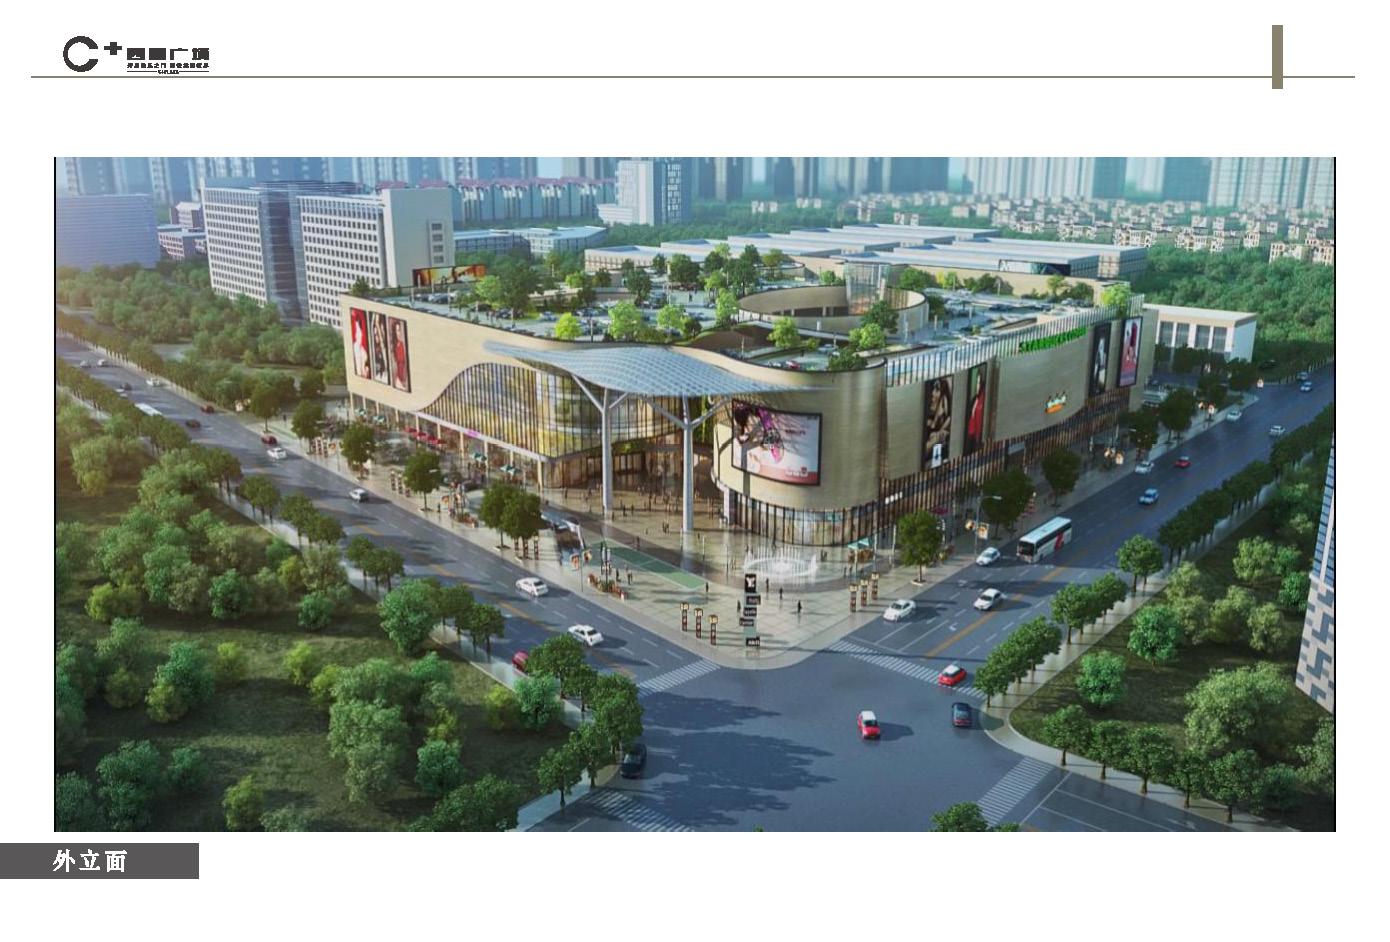 杭州C+西嘉广场